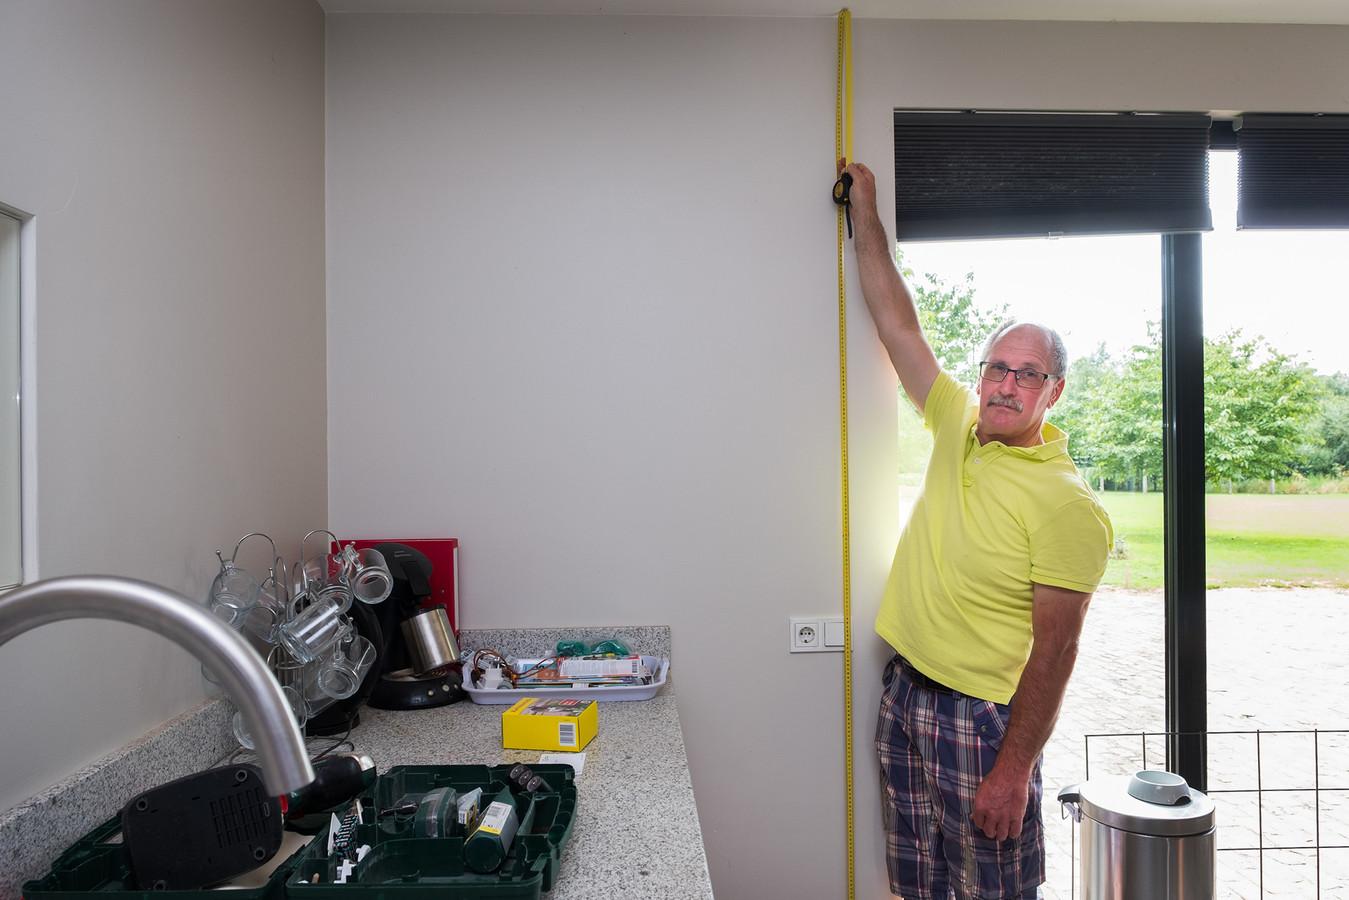 Max Höppener toont aan hoog het water komt bij hem in huis kan komen als het project de Lob ven Gennep doorgaat.